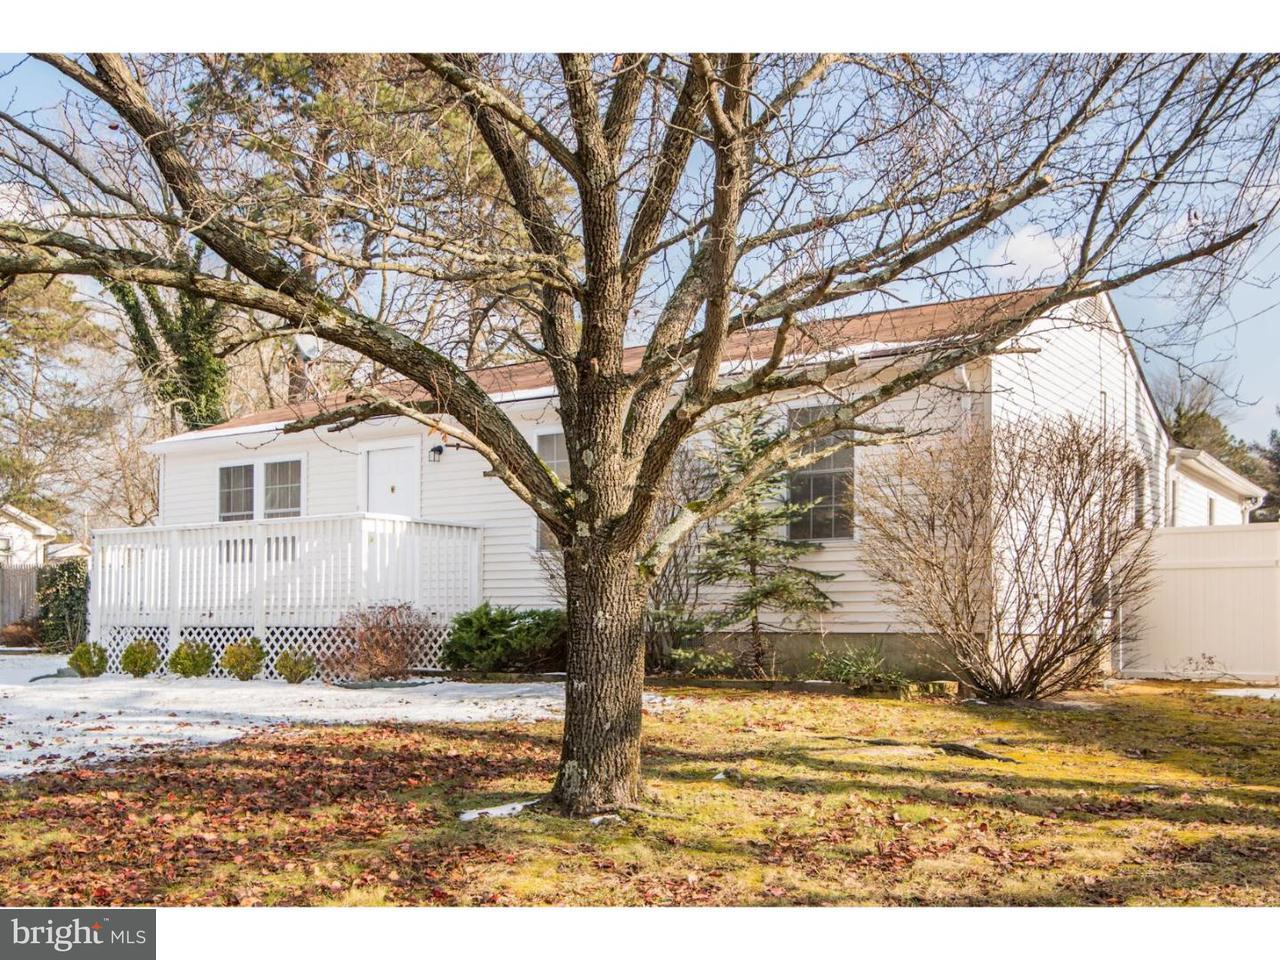 Maison unifamiliale pour l à louer à 5932 CLOVERLEAF Drive Mays Landing, New Jersey 08330 États-UnisDans/Autour: Hamilton Township